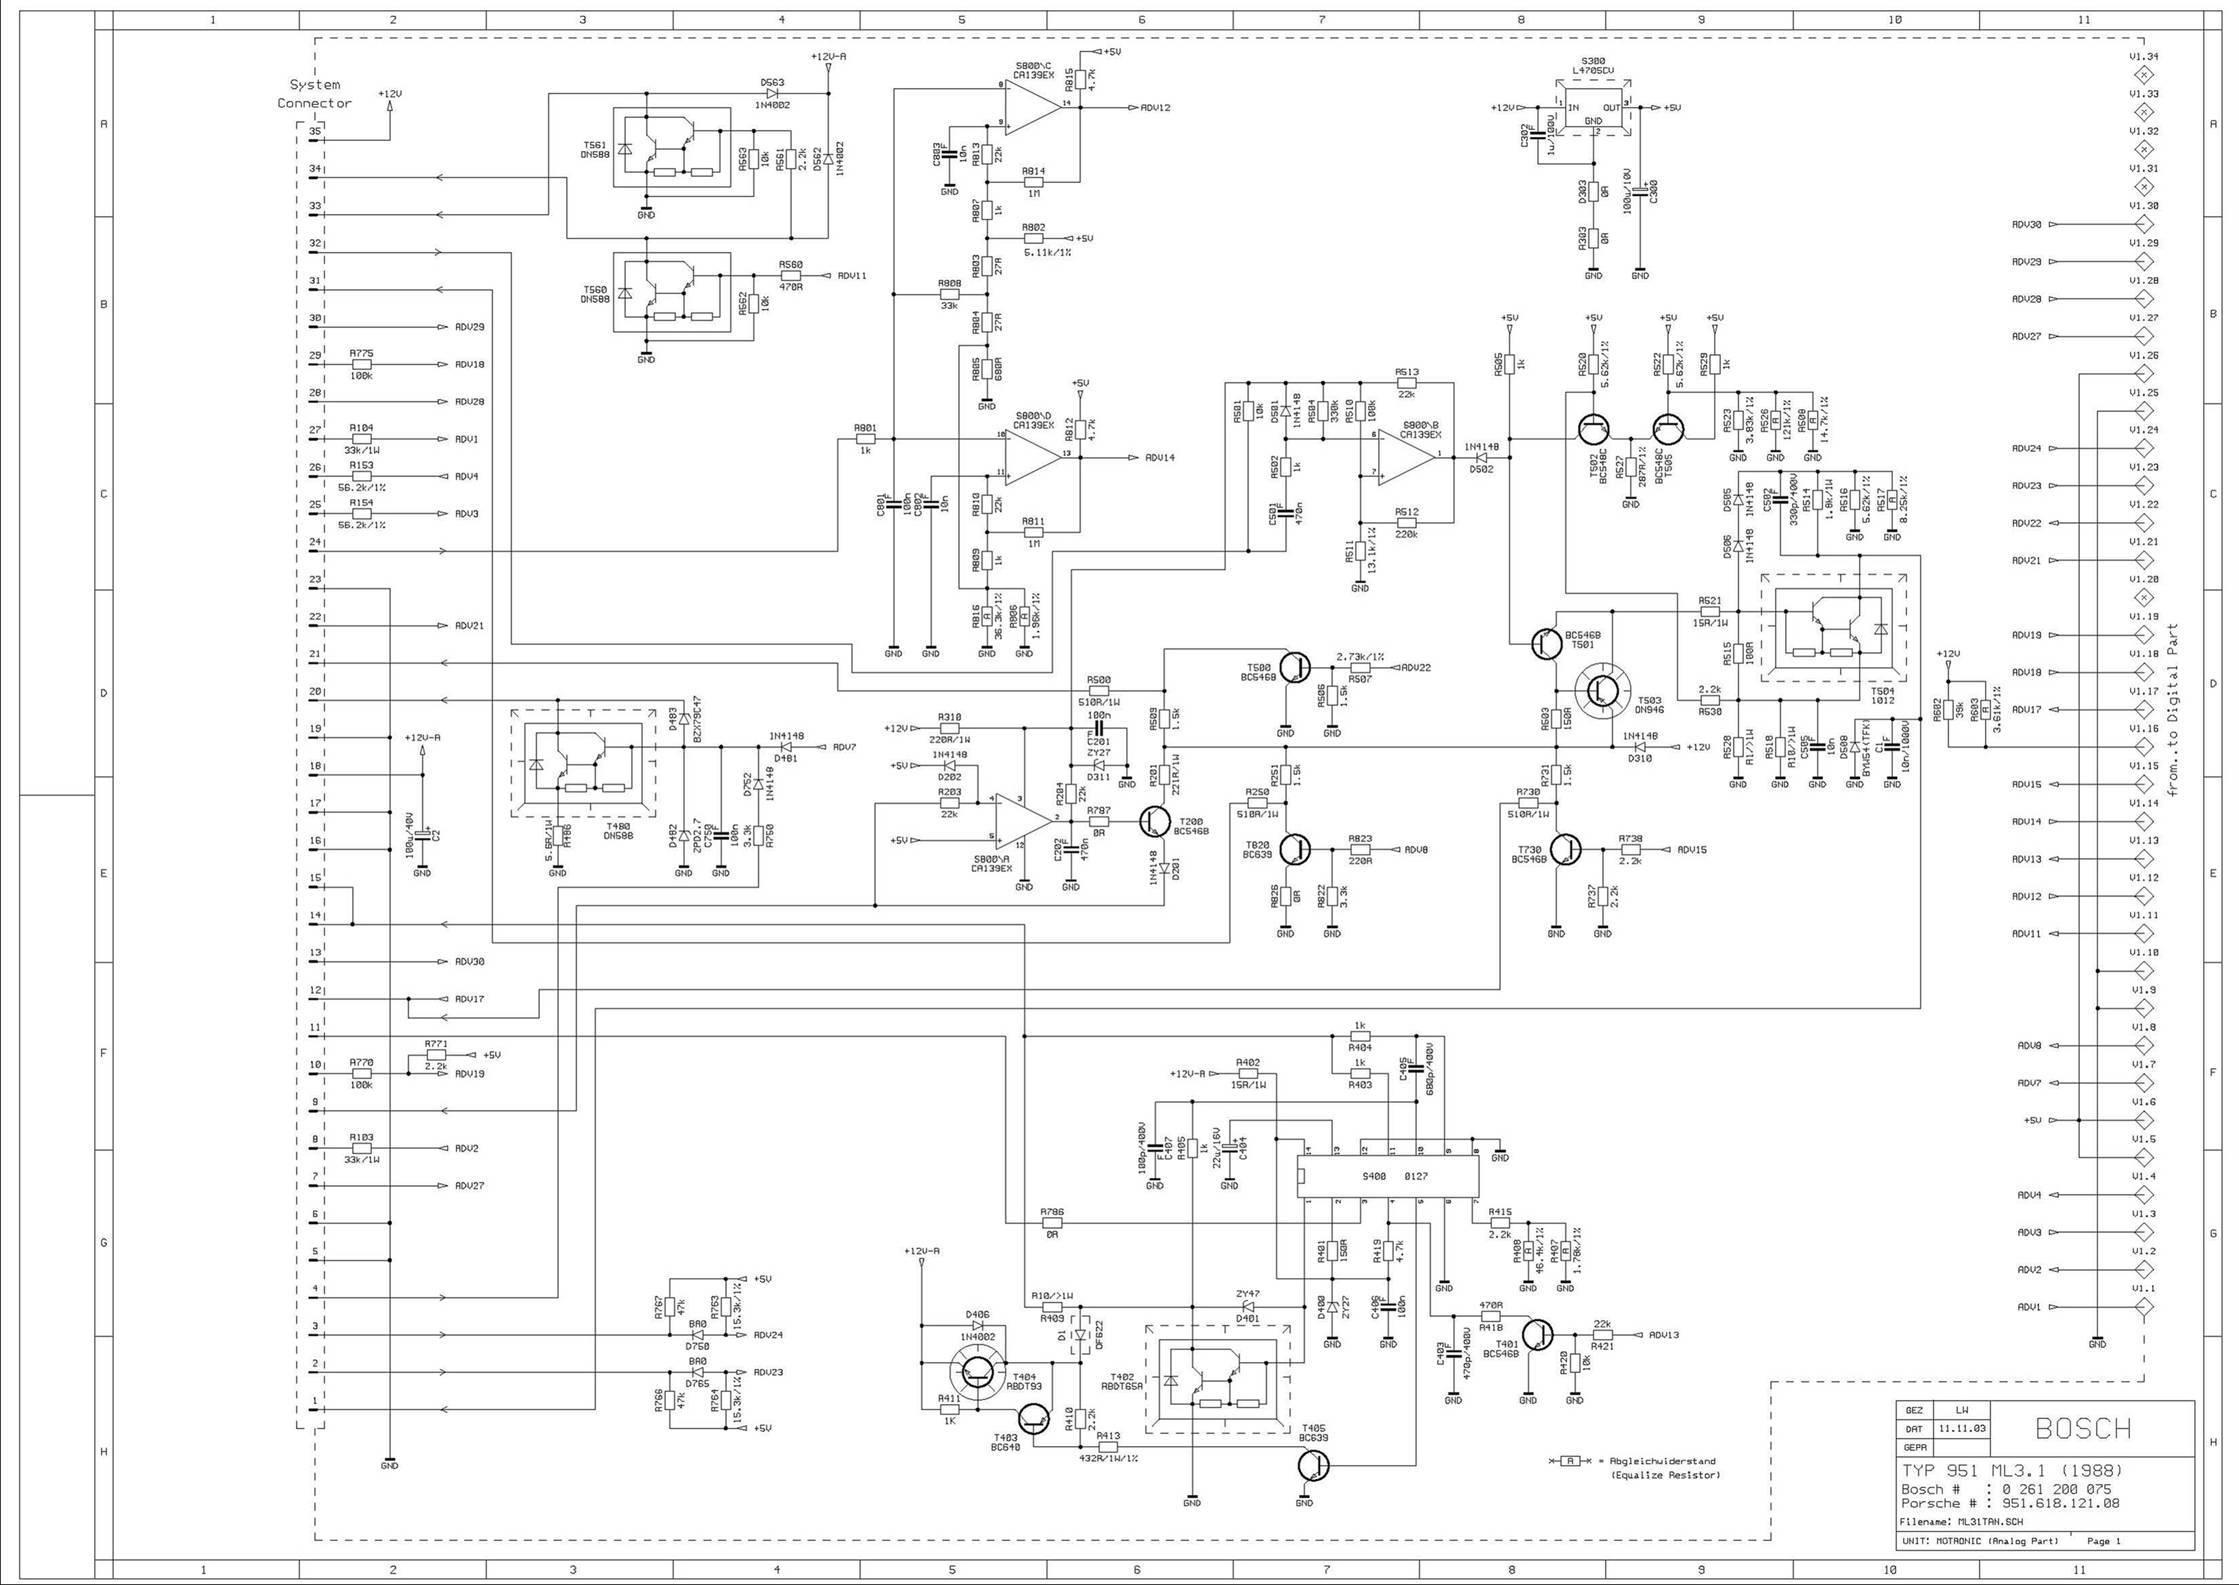 Ats301 Wiring Diagram | Bege Wiring DiagramBege Wiring Diagram